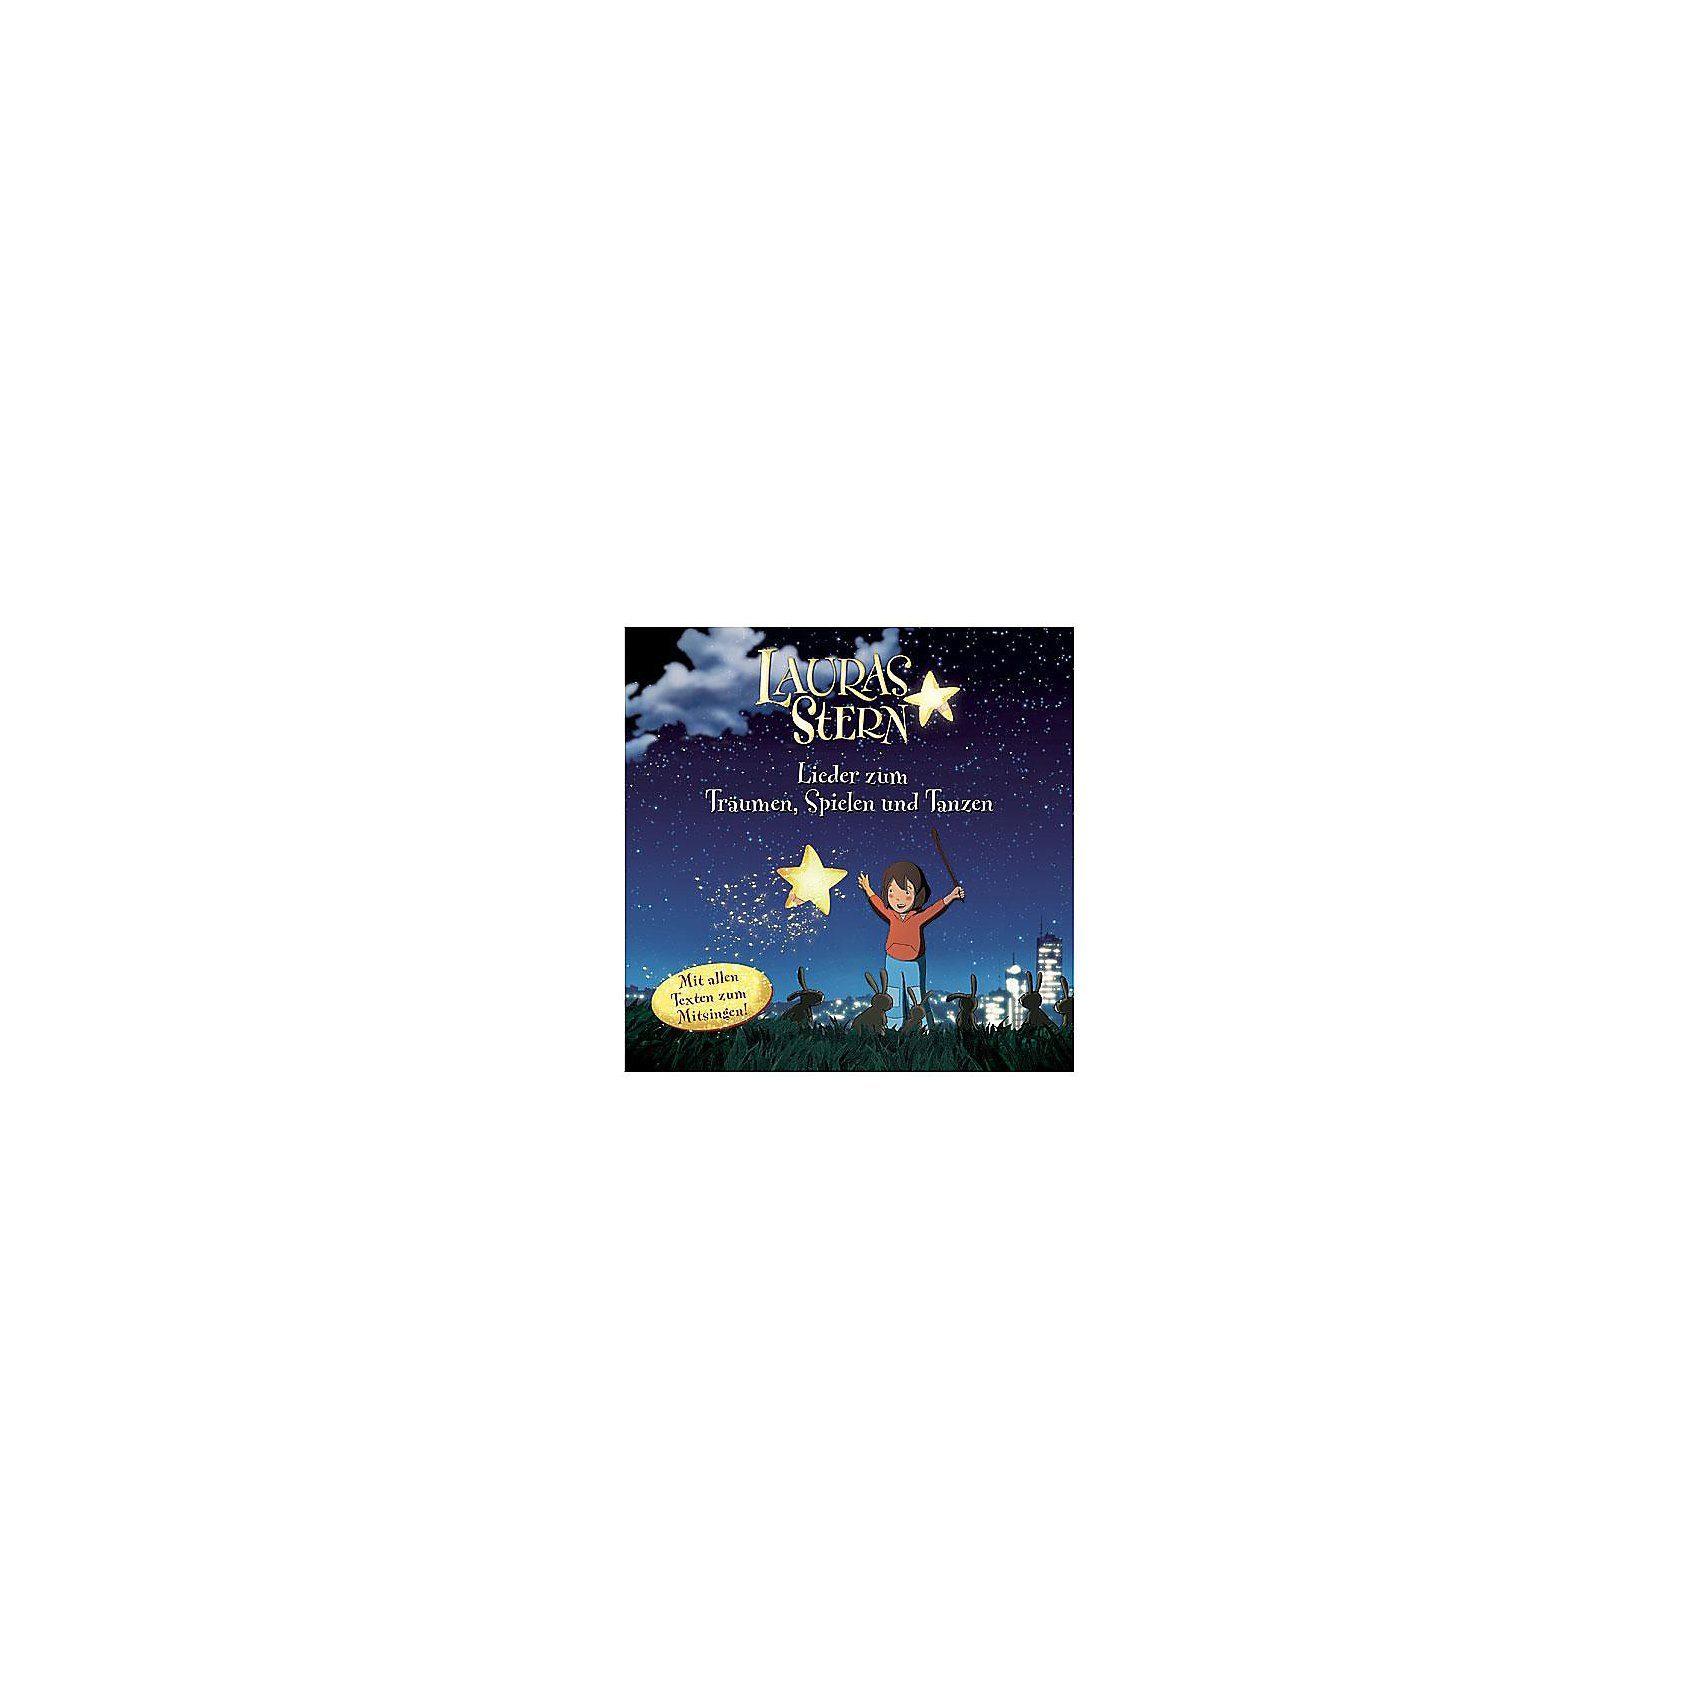 Edel CD Lauras Stern: Lieder zum Träumen